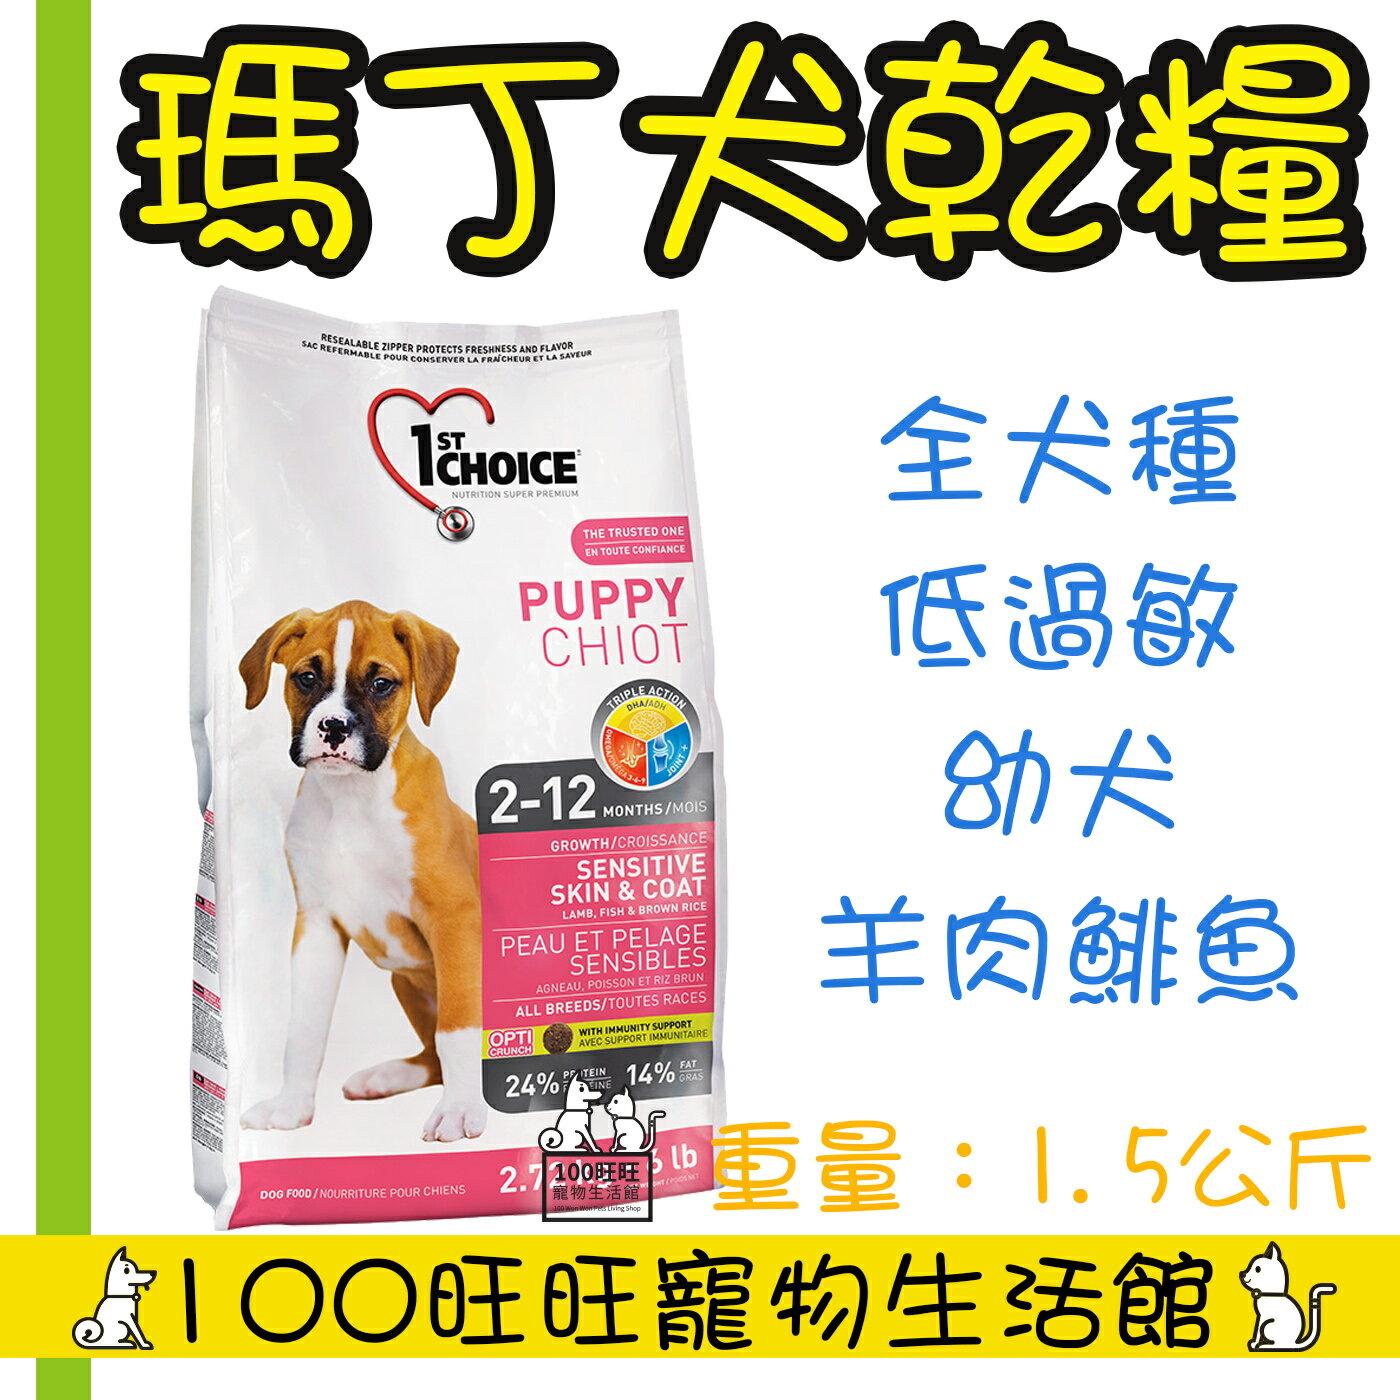 瑪丁 全犬種 幼犬 羊肉 1.5kg 2個月至12個月 羊肉+鯡魚+糙米配方